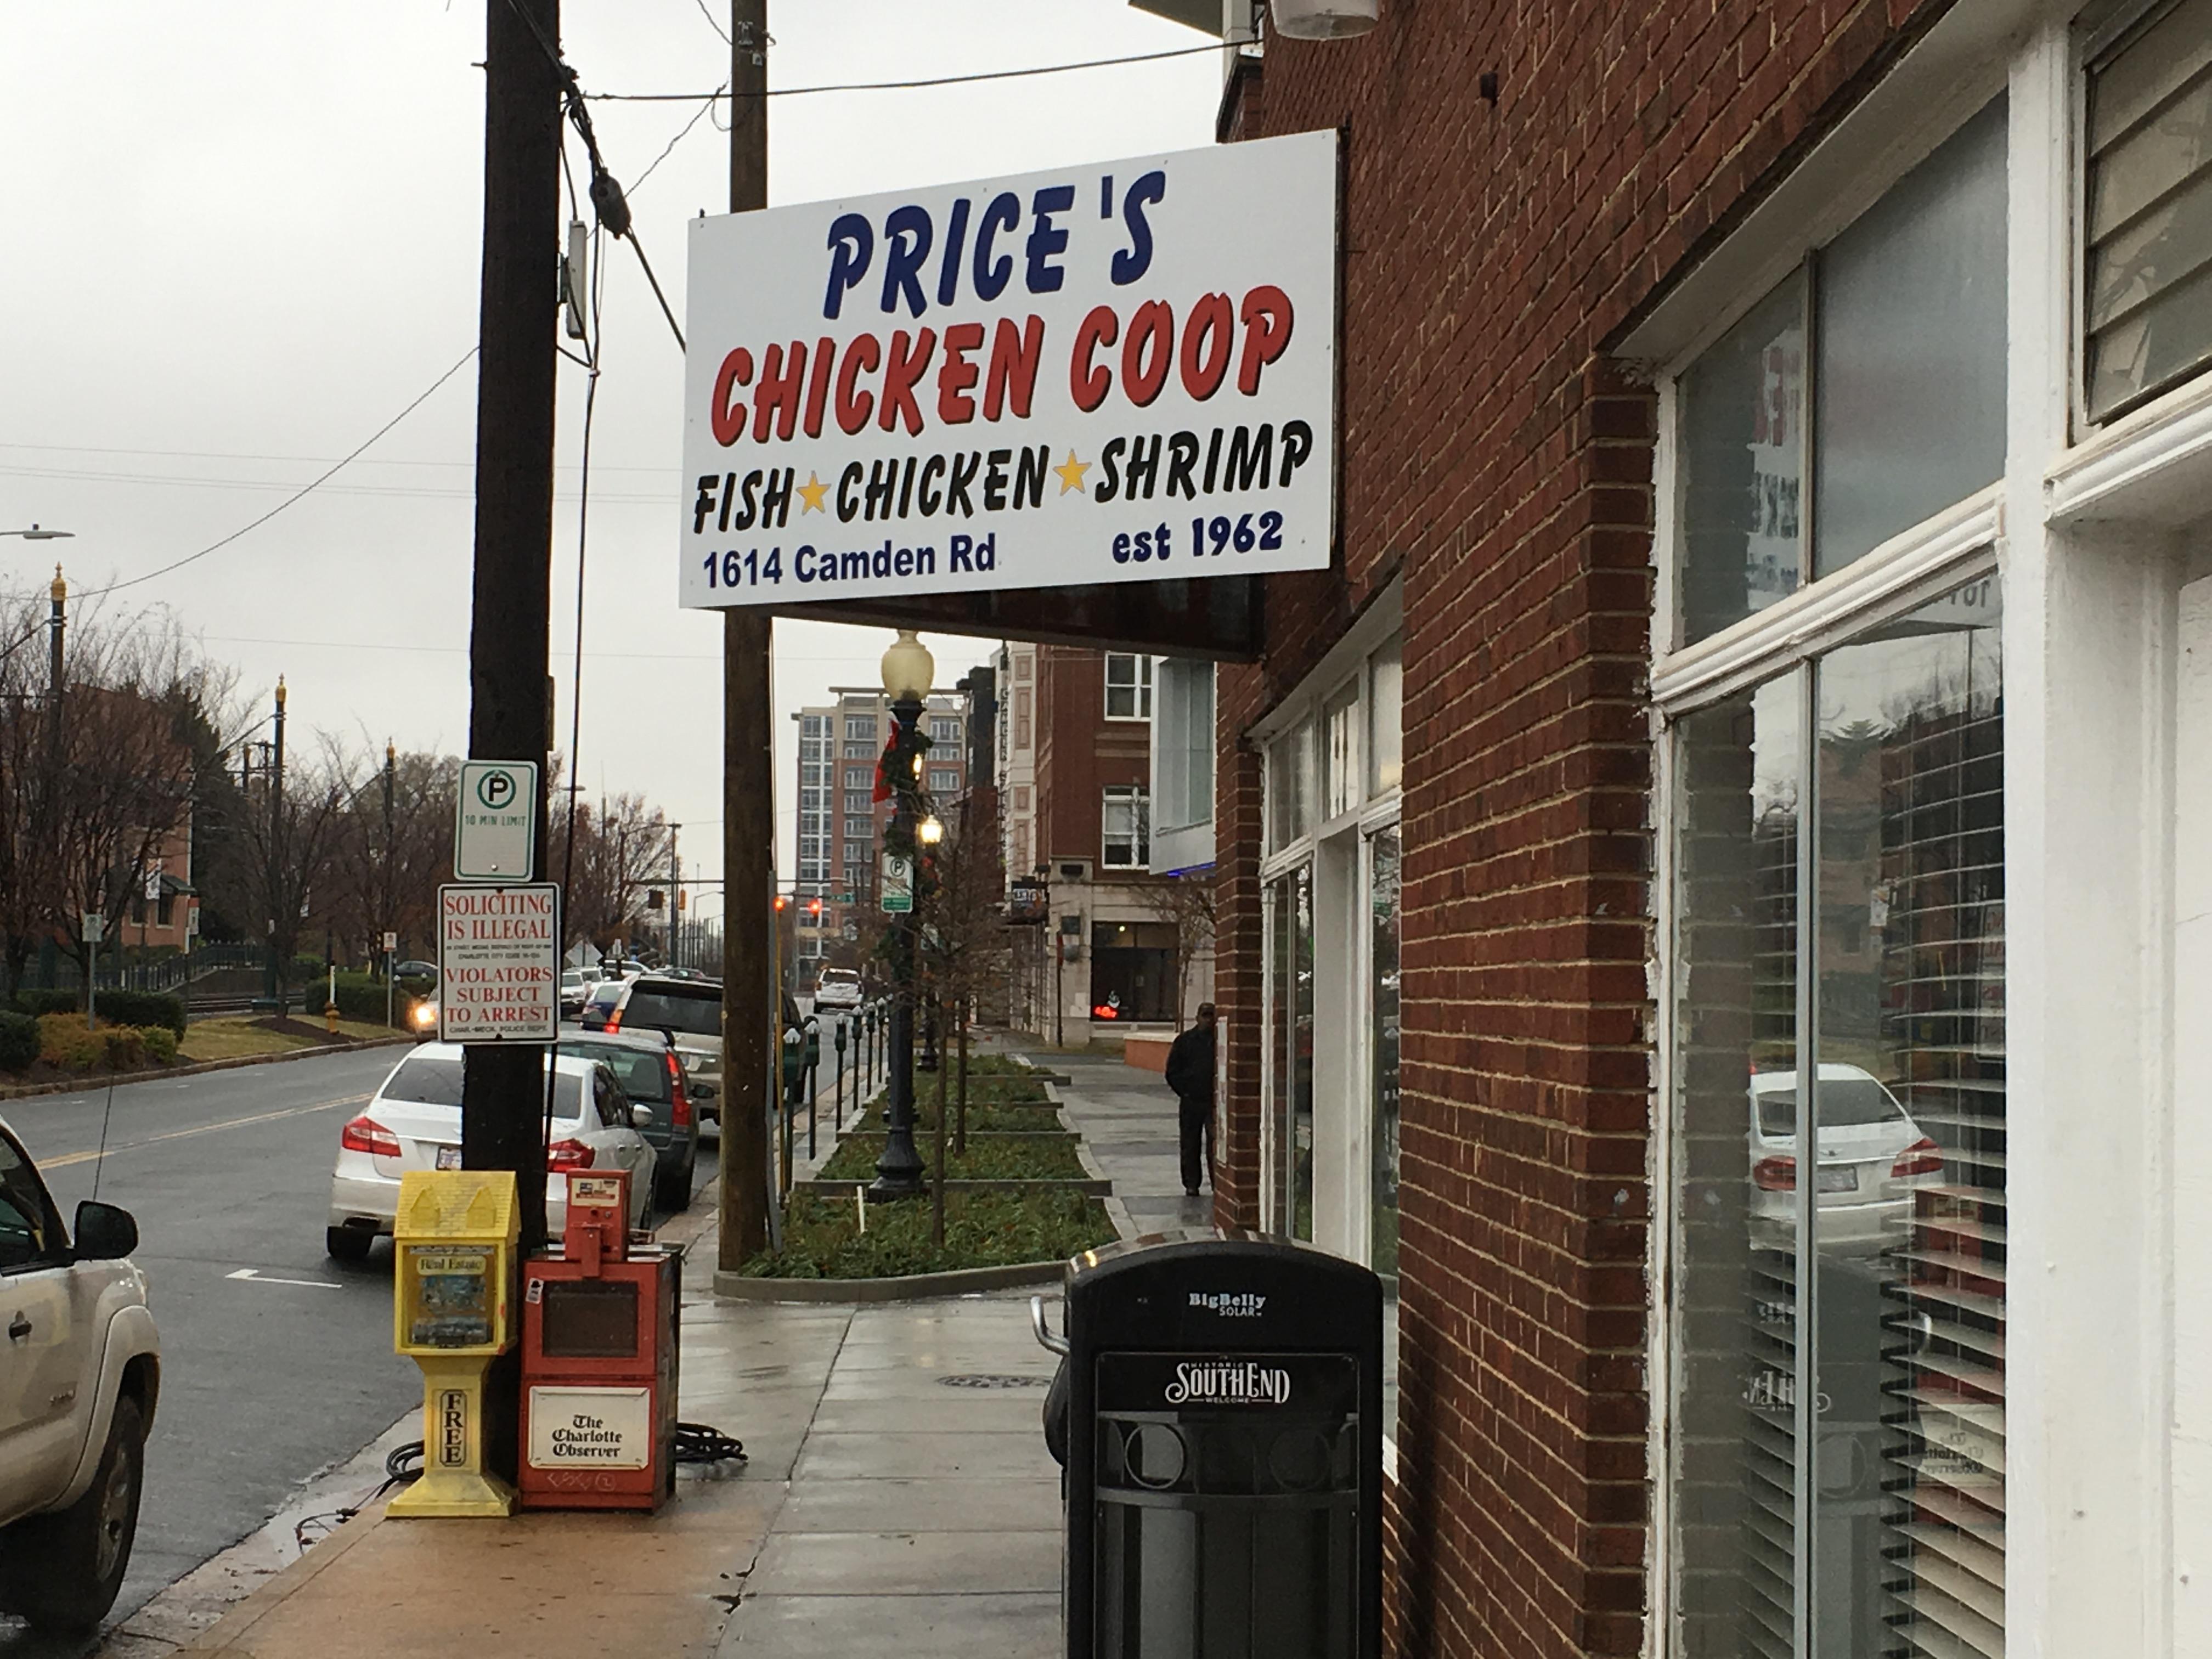 charlotte-fried-chicken-chicken-coop